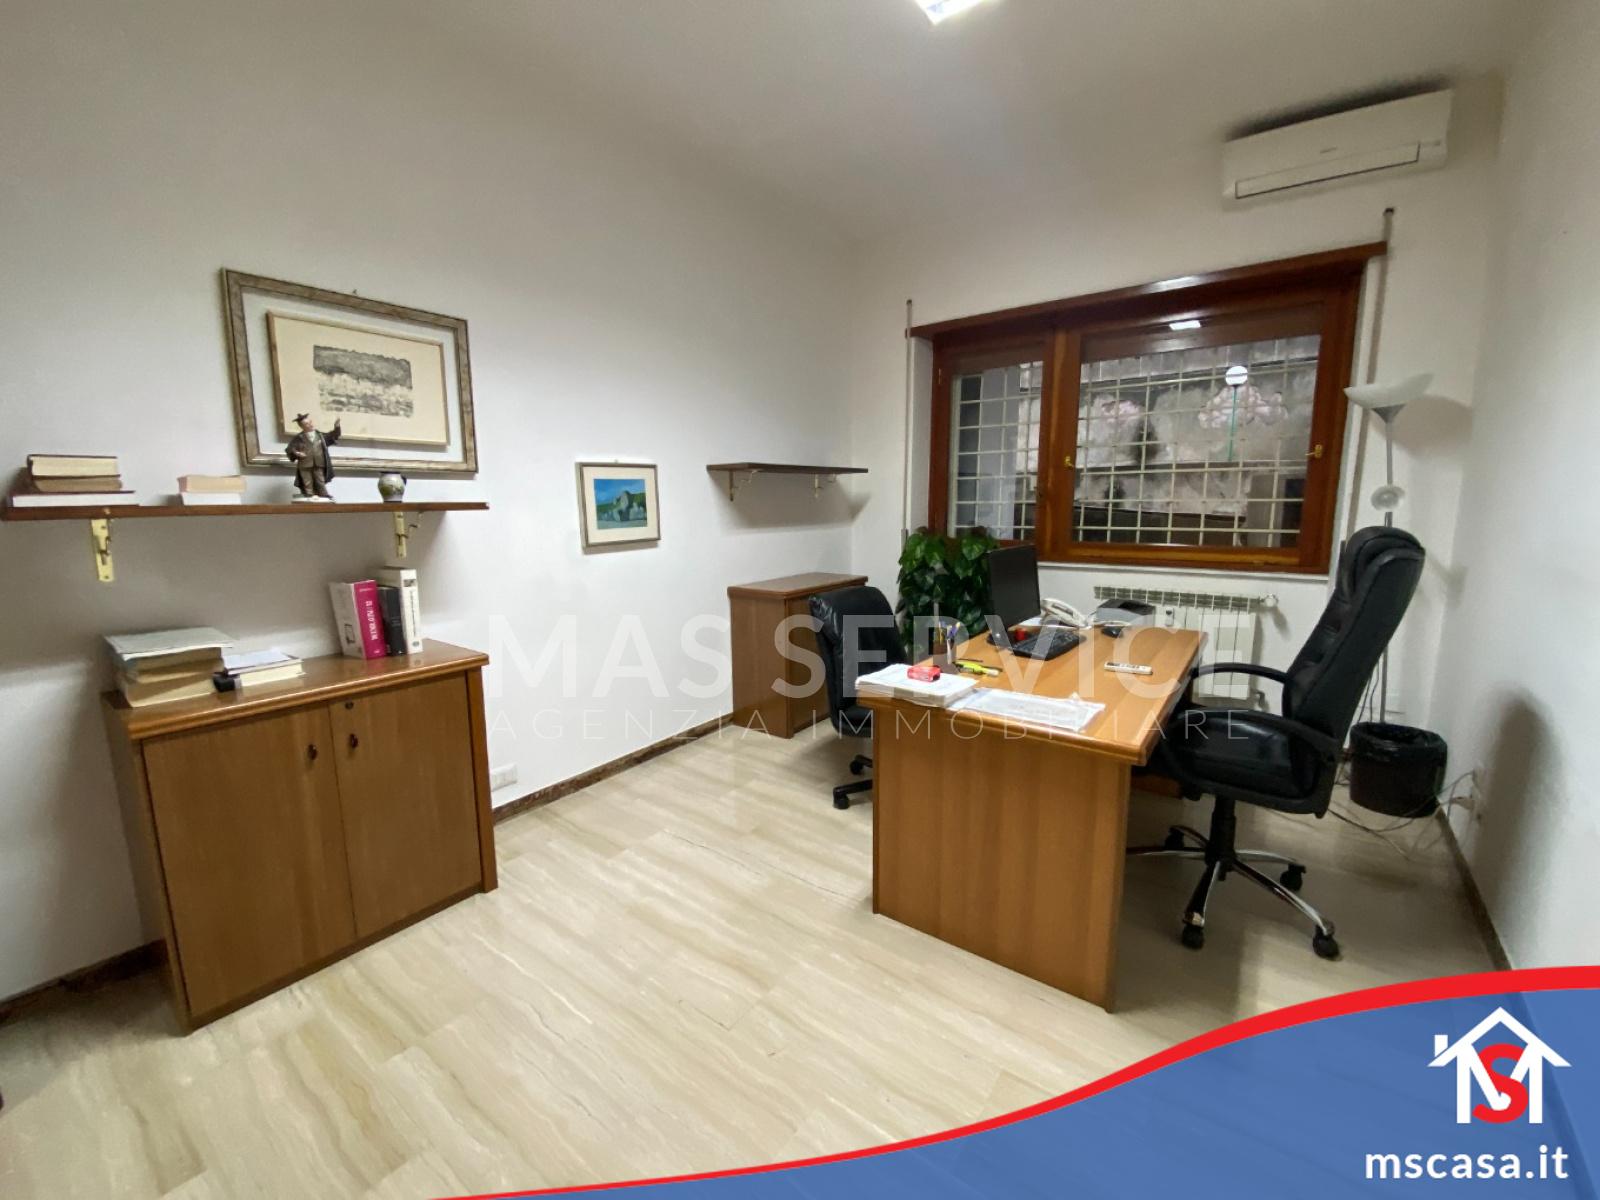 Appartamento in Vendita zona Montagnola a Roma Vista 3 Stanza